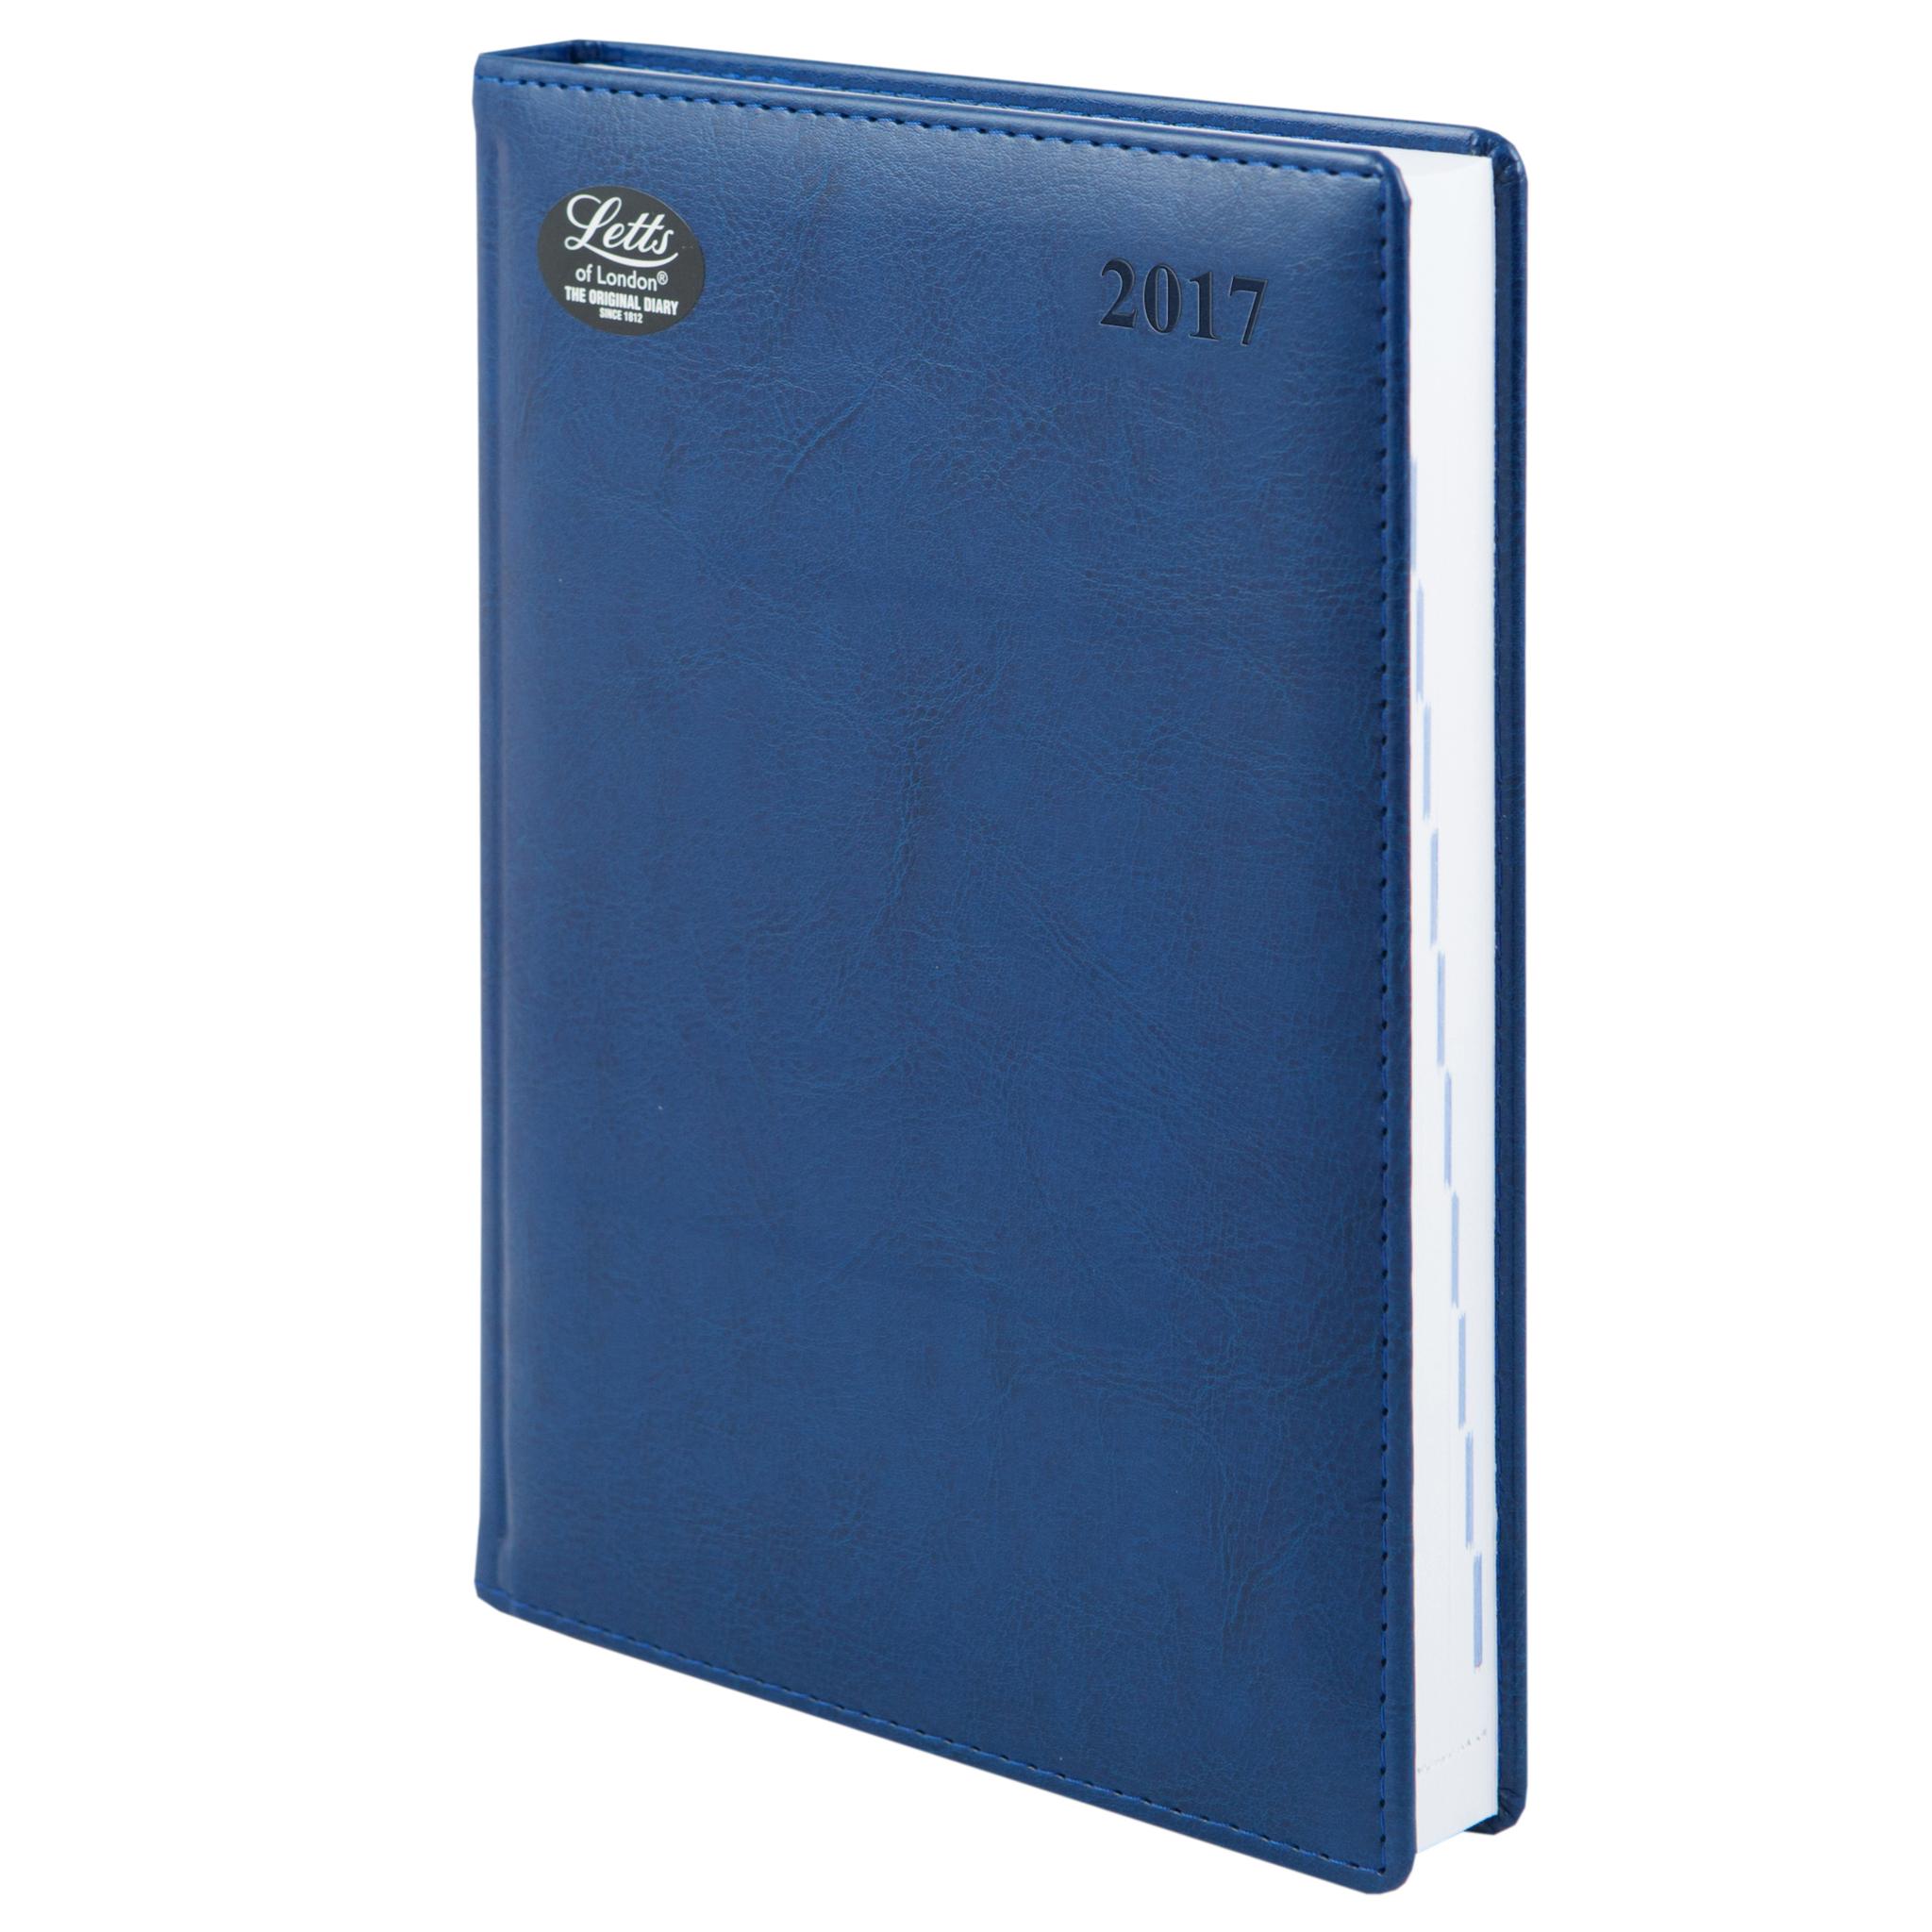 Ежедневник Letts Umbria 2017, A5 (148 х 210), синий, иск.кожа, срез белый